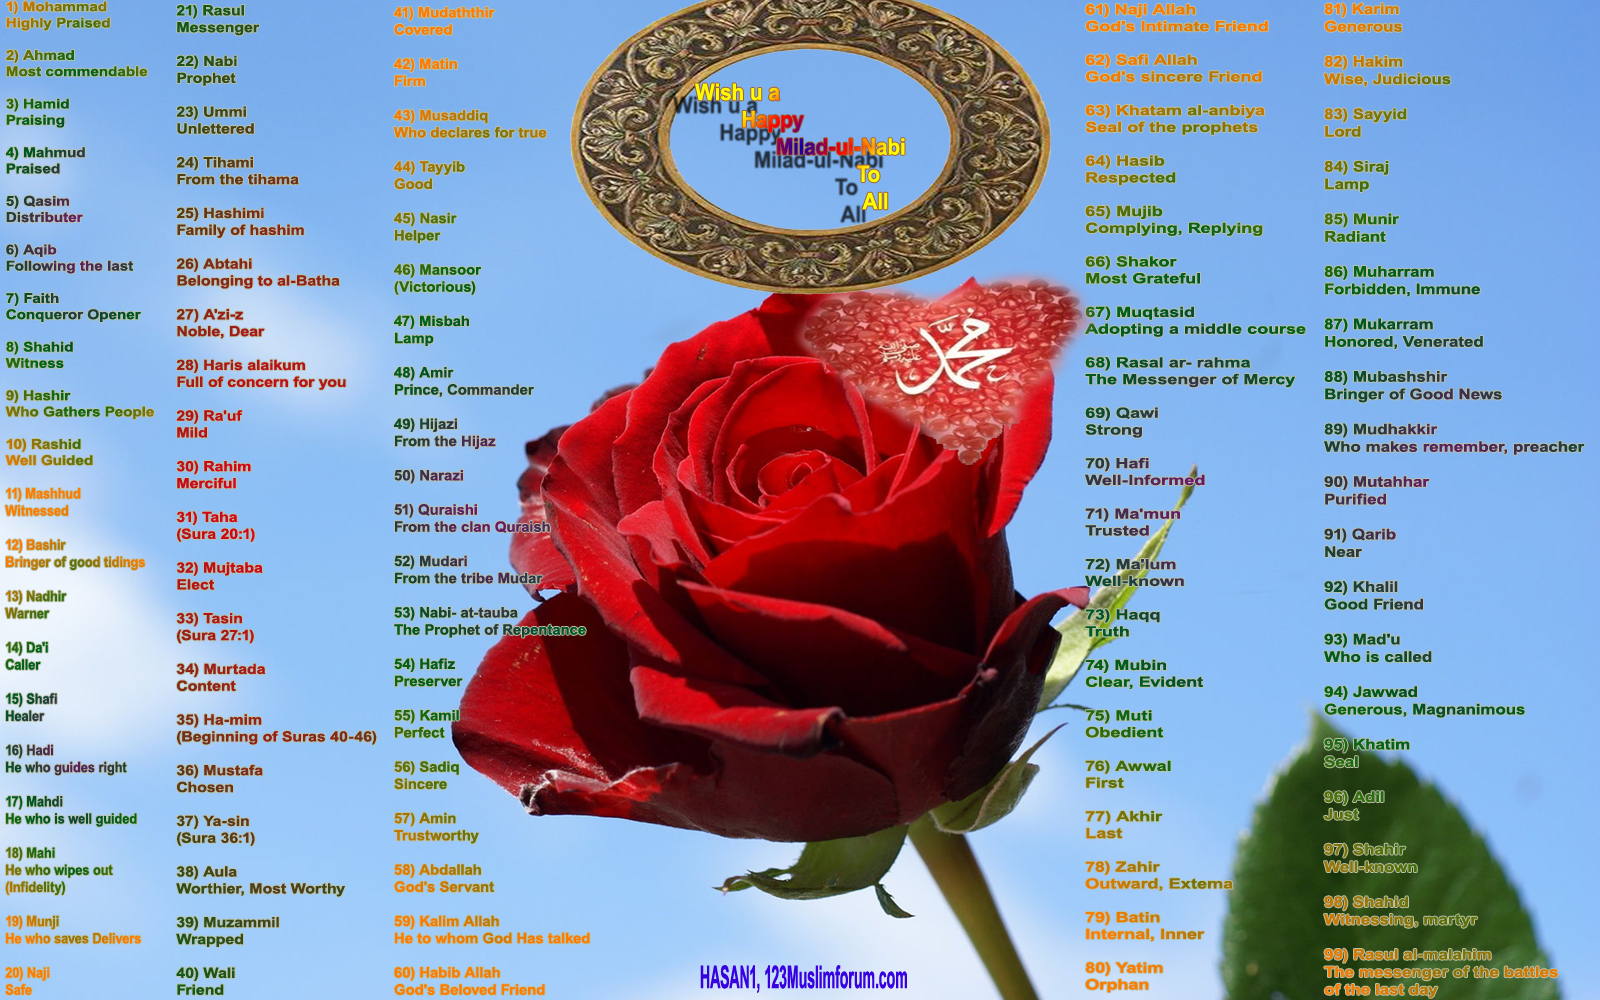 Eid Melad ul Nabi (Sallalahu Ale Hi Waale Hi Wasalam) Mubarak-final-jpg